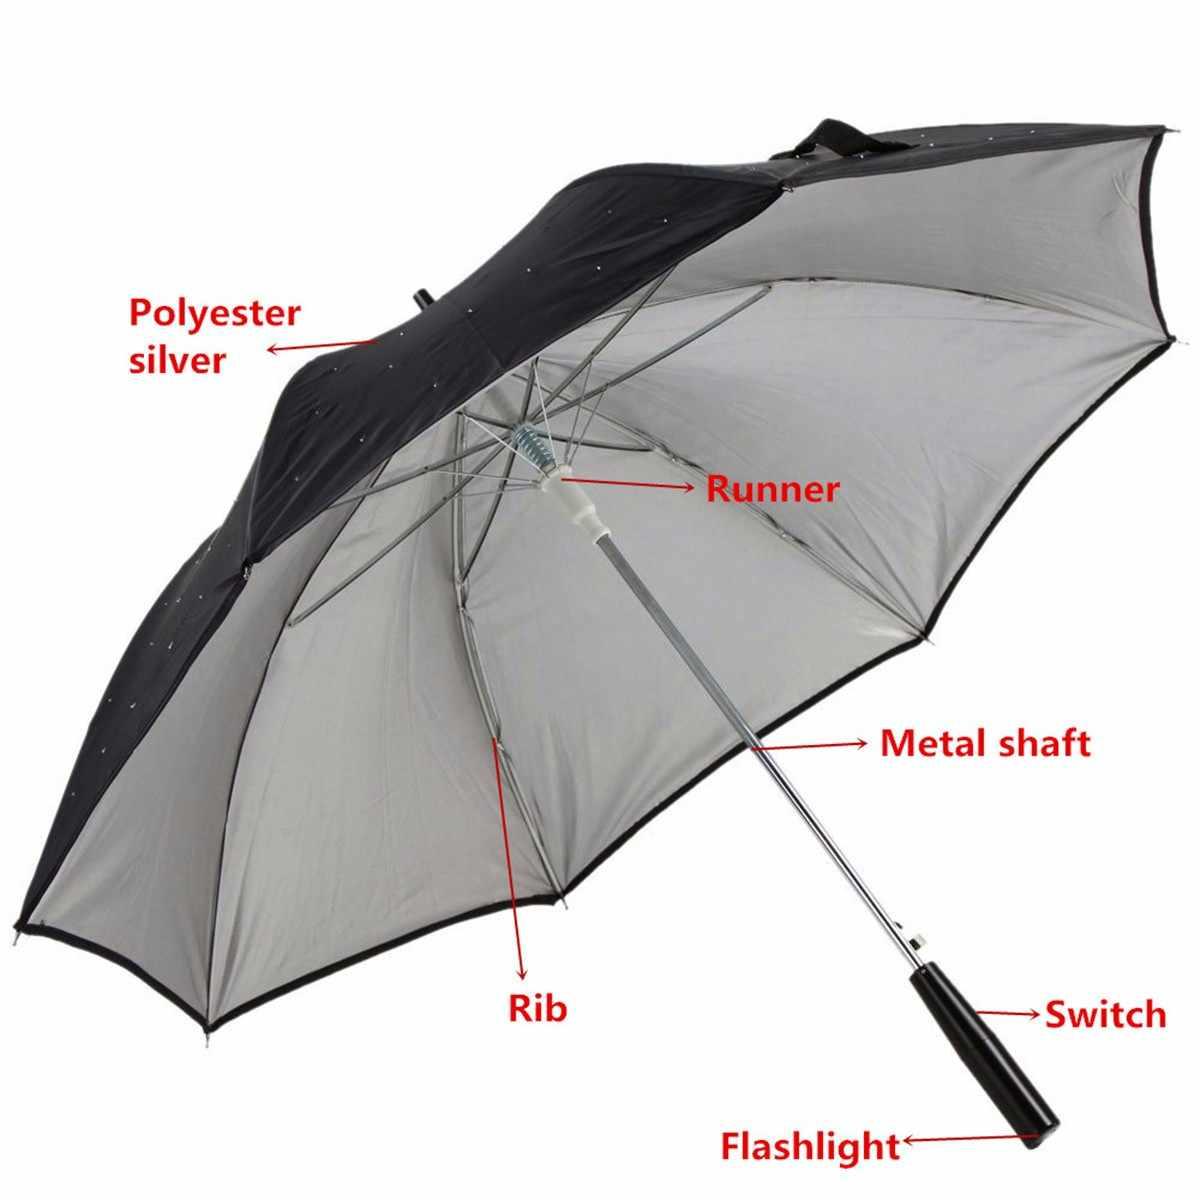 23 بوصة في الهواء الطلق بارد طويل مقبض الصمام اللمعان المطر مظلة حماية يلة الأزياء هدية كبيرة مقبض مستقيم فلاش المظلة